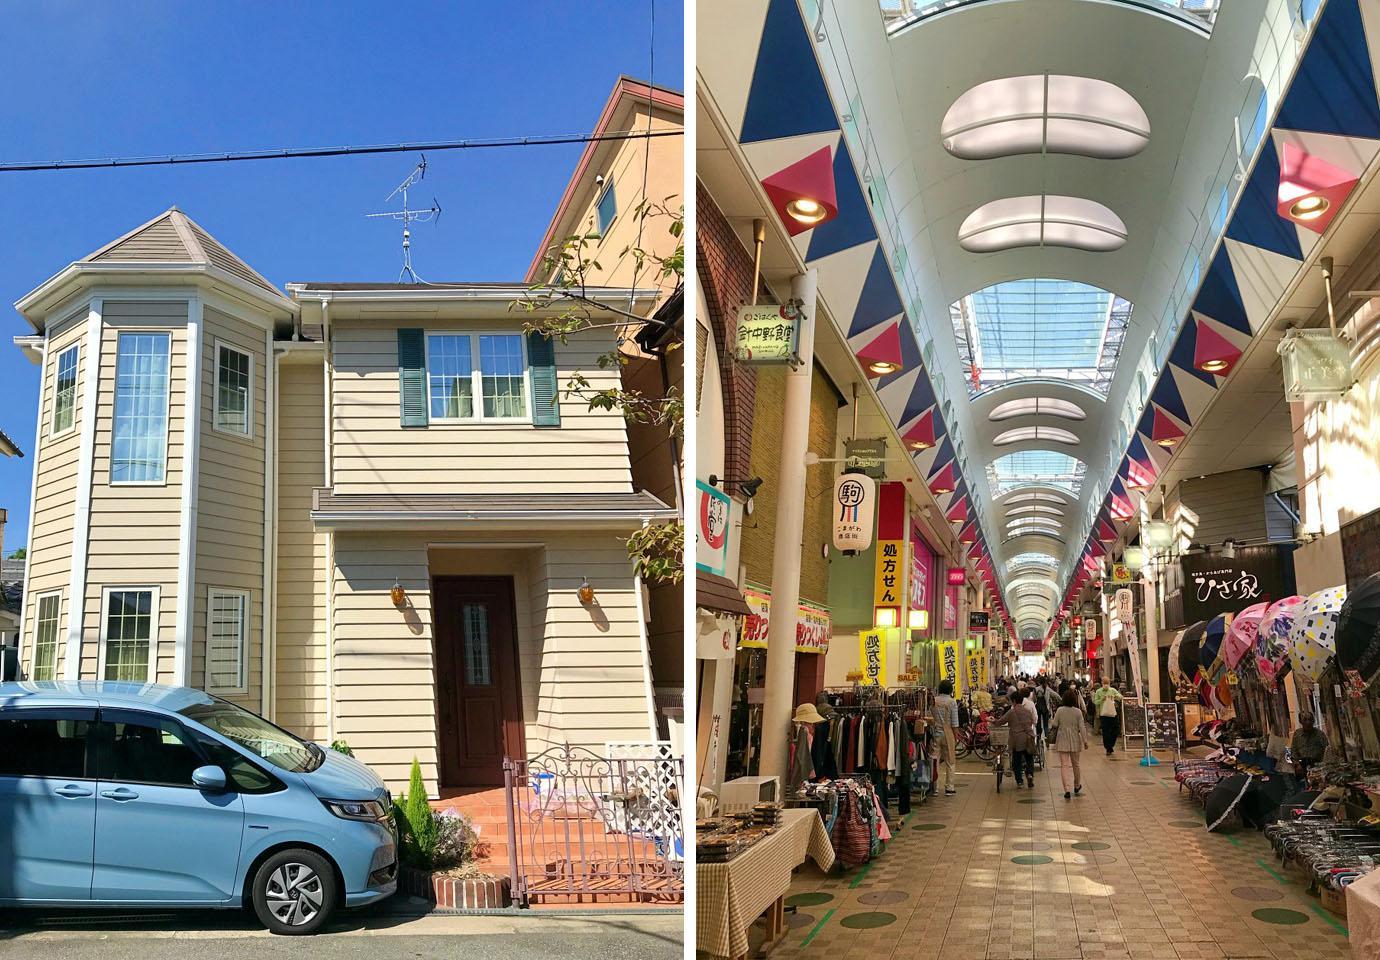 (左)こだわりの注文住宅が多い町並み (右)駅までは長い長い駒川商店街を抜けて